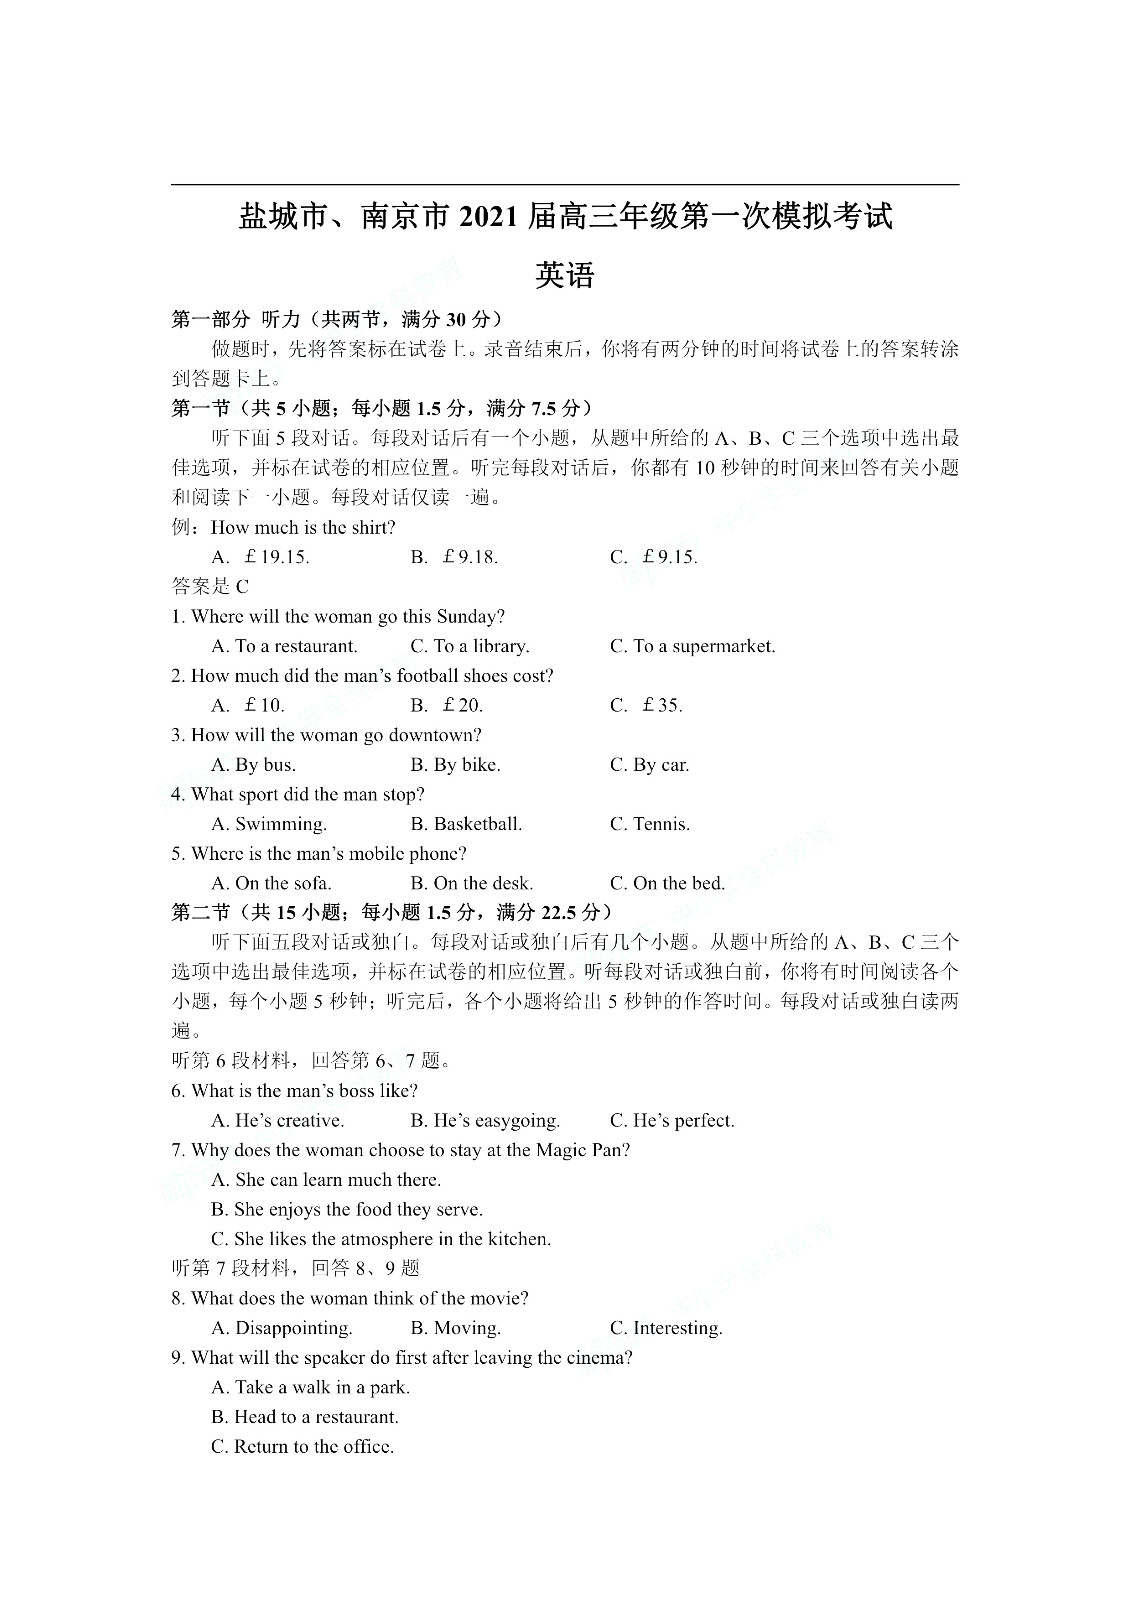 南京市、盐城市2021年高三一模英语试卷完整版